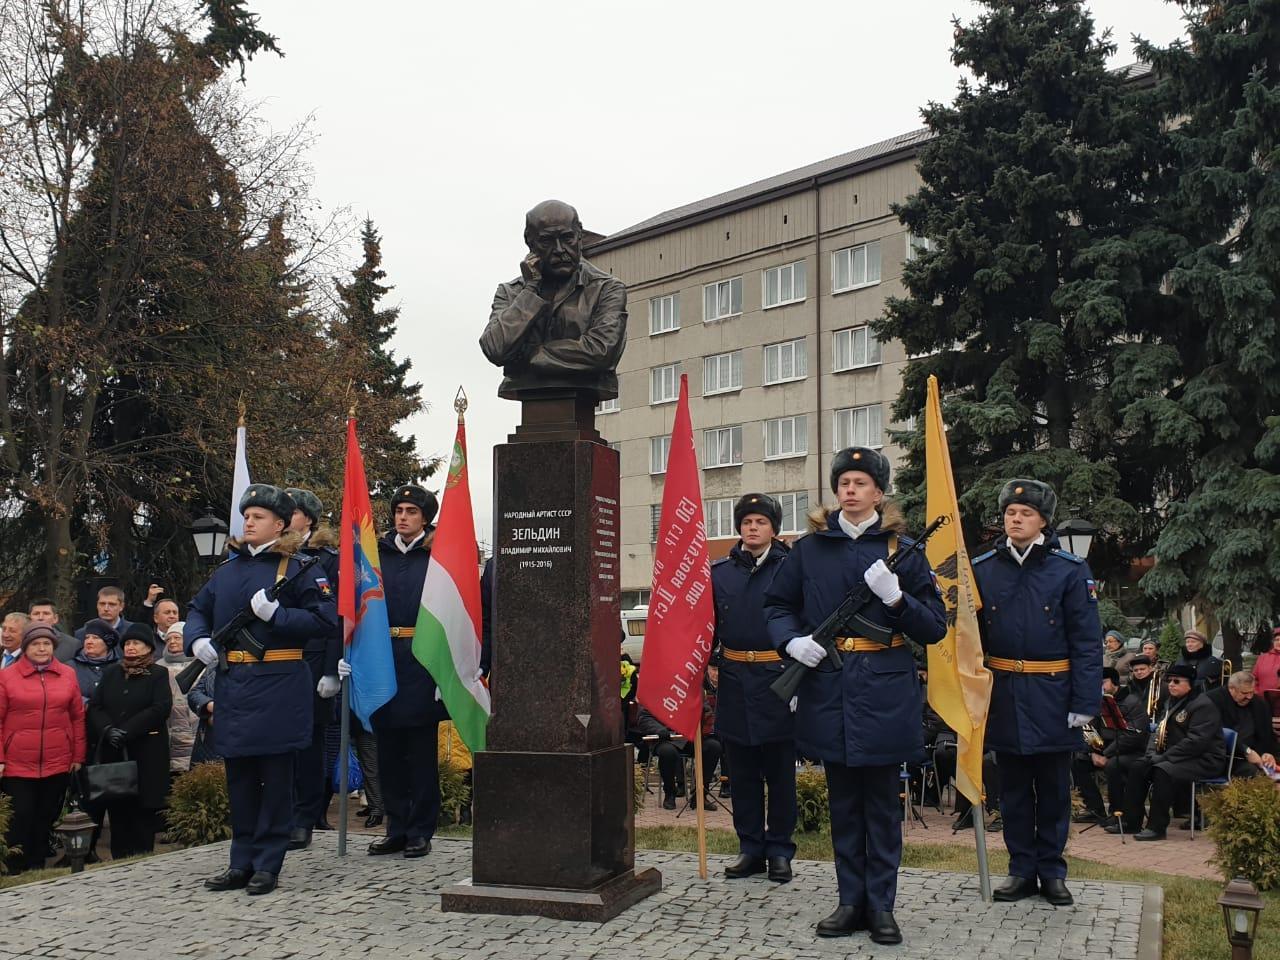 Памятник Владимиру Зельдину торжественно открыли в родном городе артиста